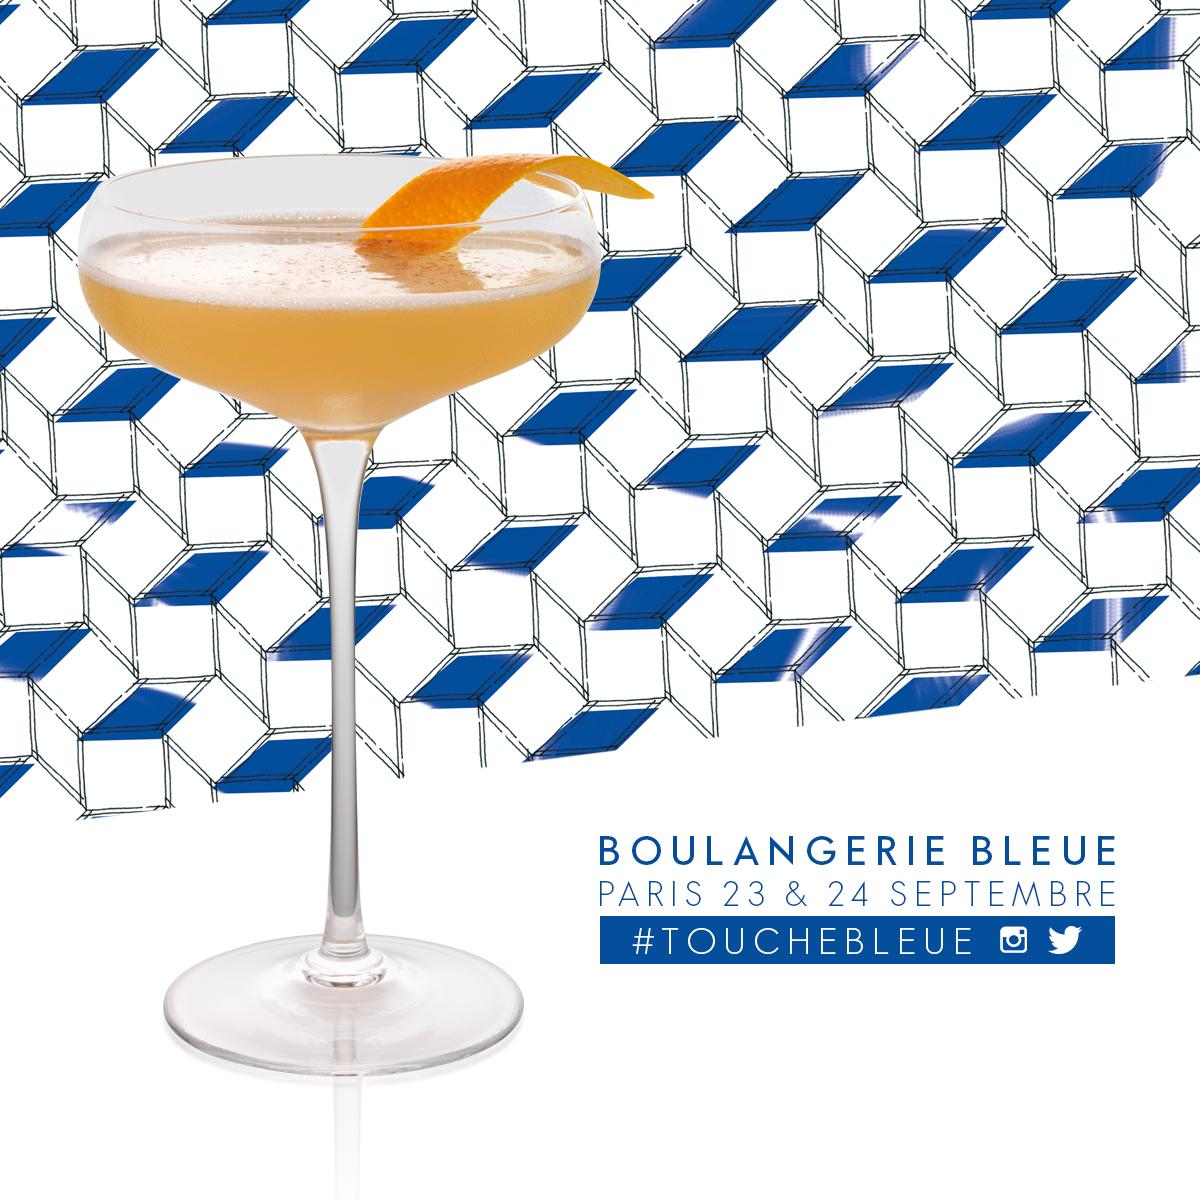 La Boulangerie Bleue {Concours Inside}